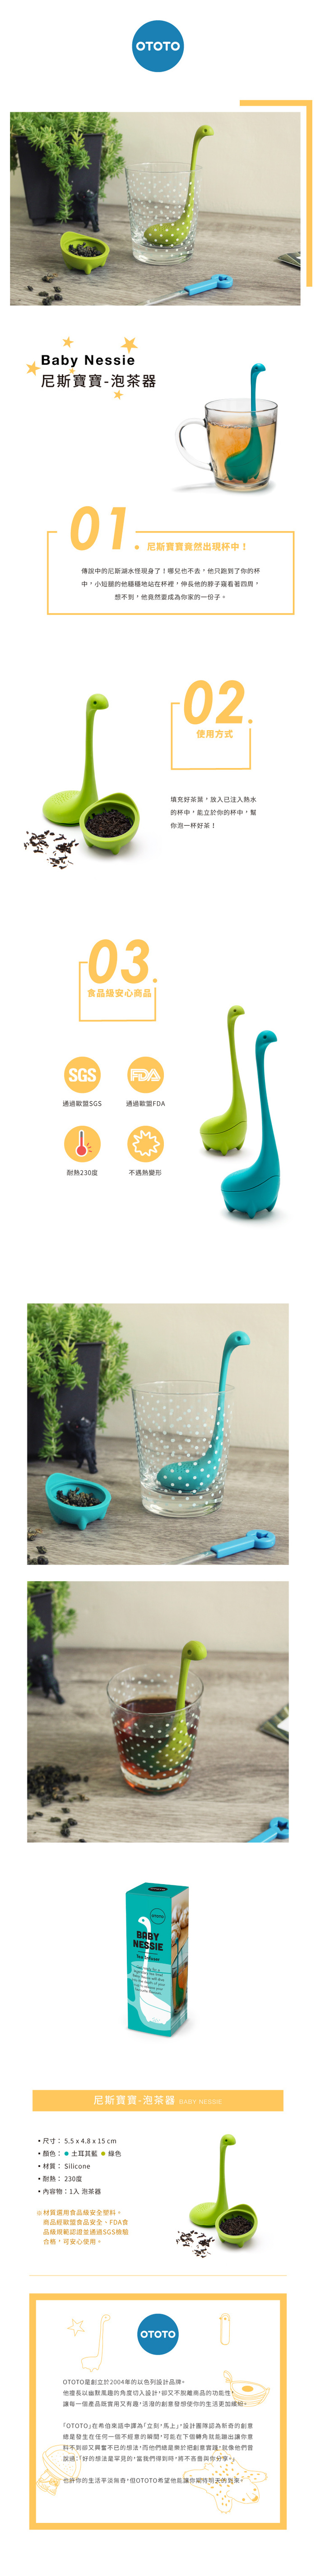 (複製)OTOTO 尼斯寶寶-泡茶器